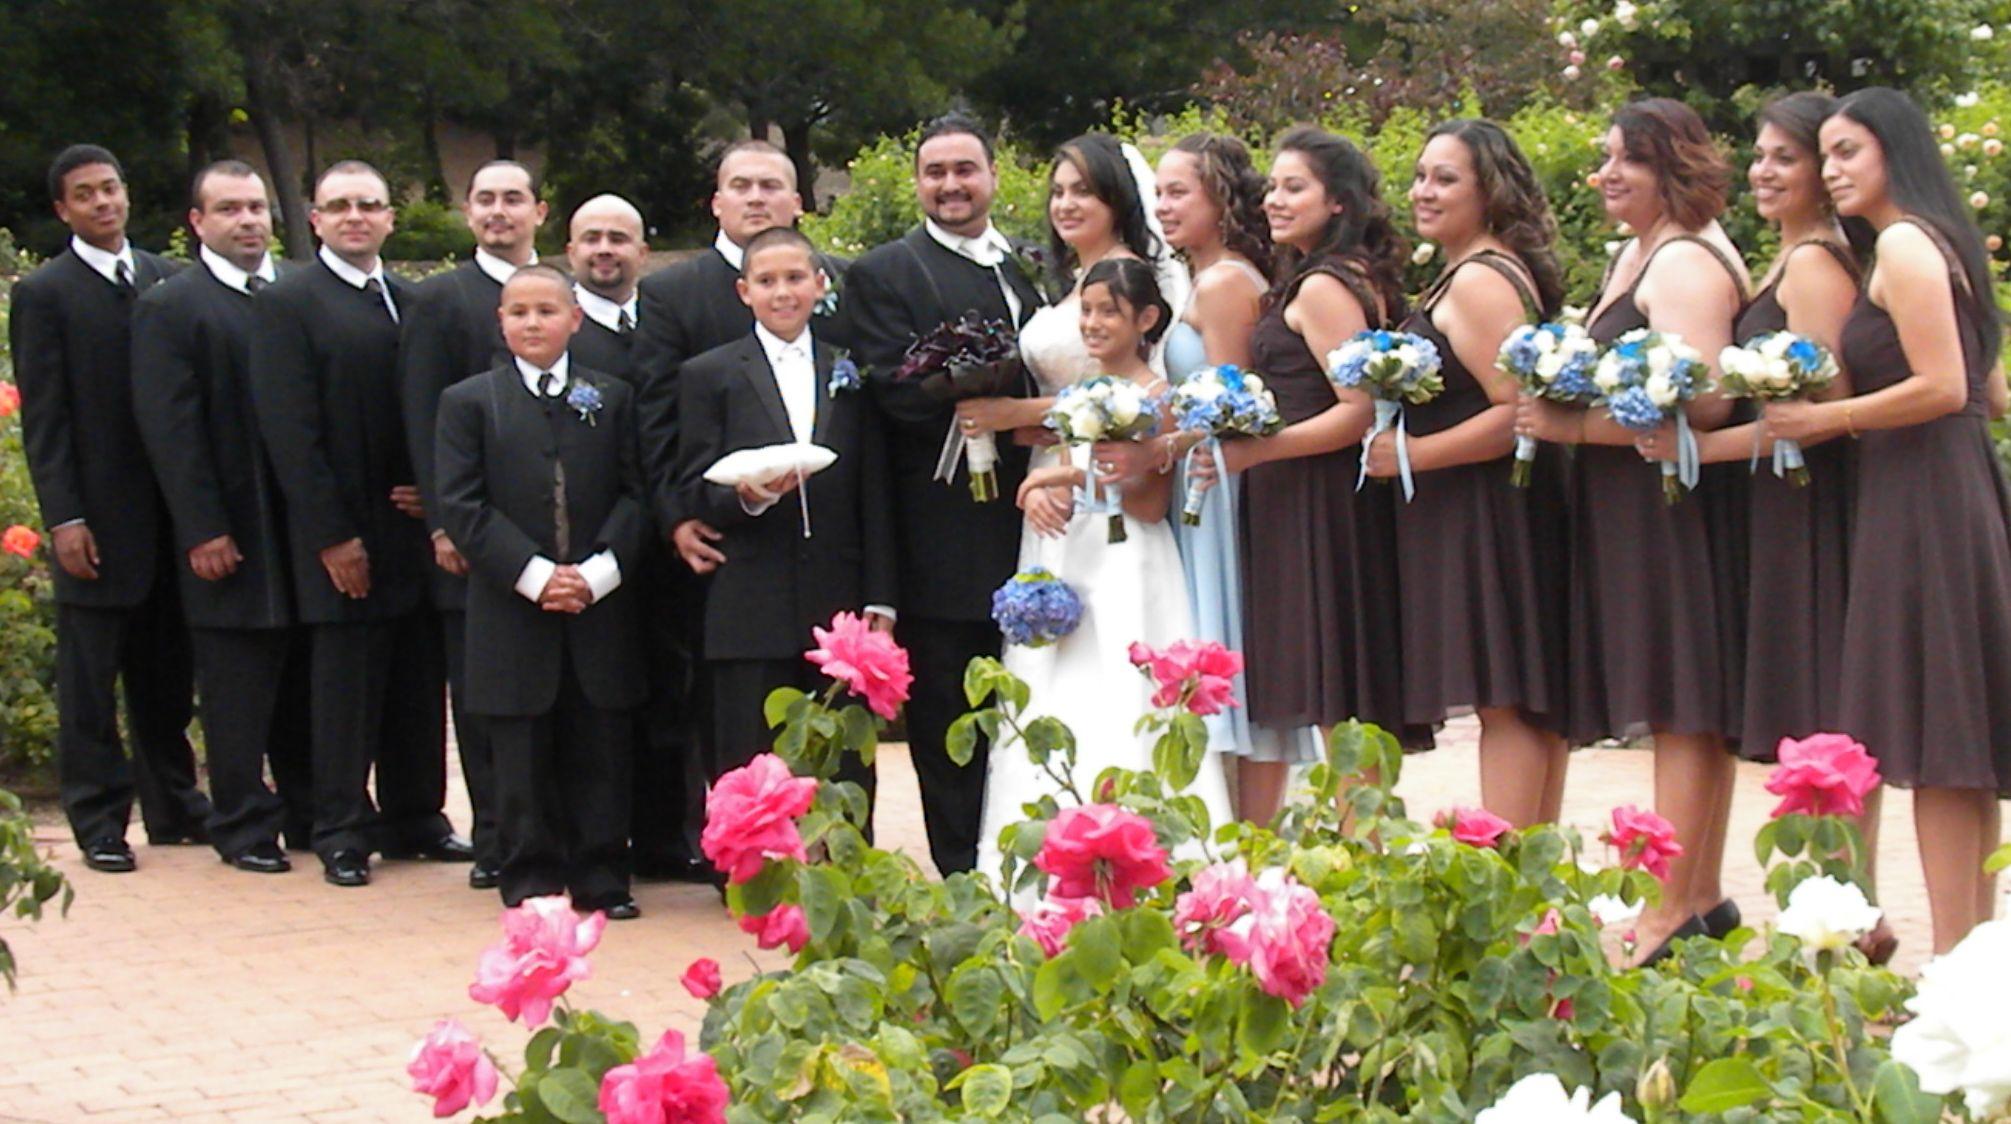 Tom Burgos Latin wedding, Catholic wedding traditions